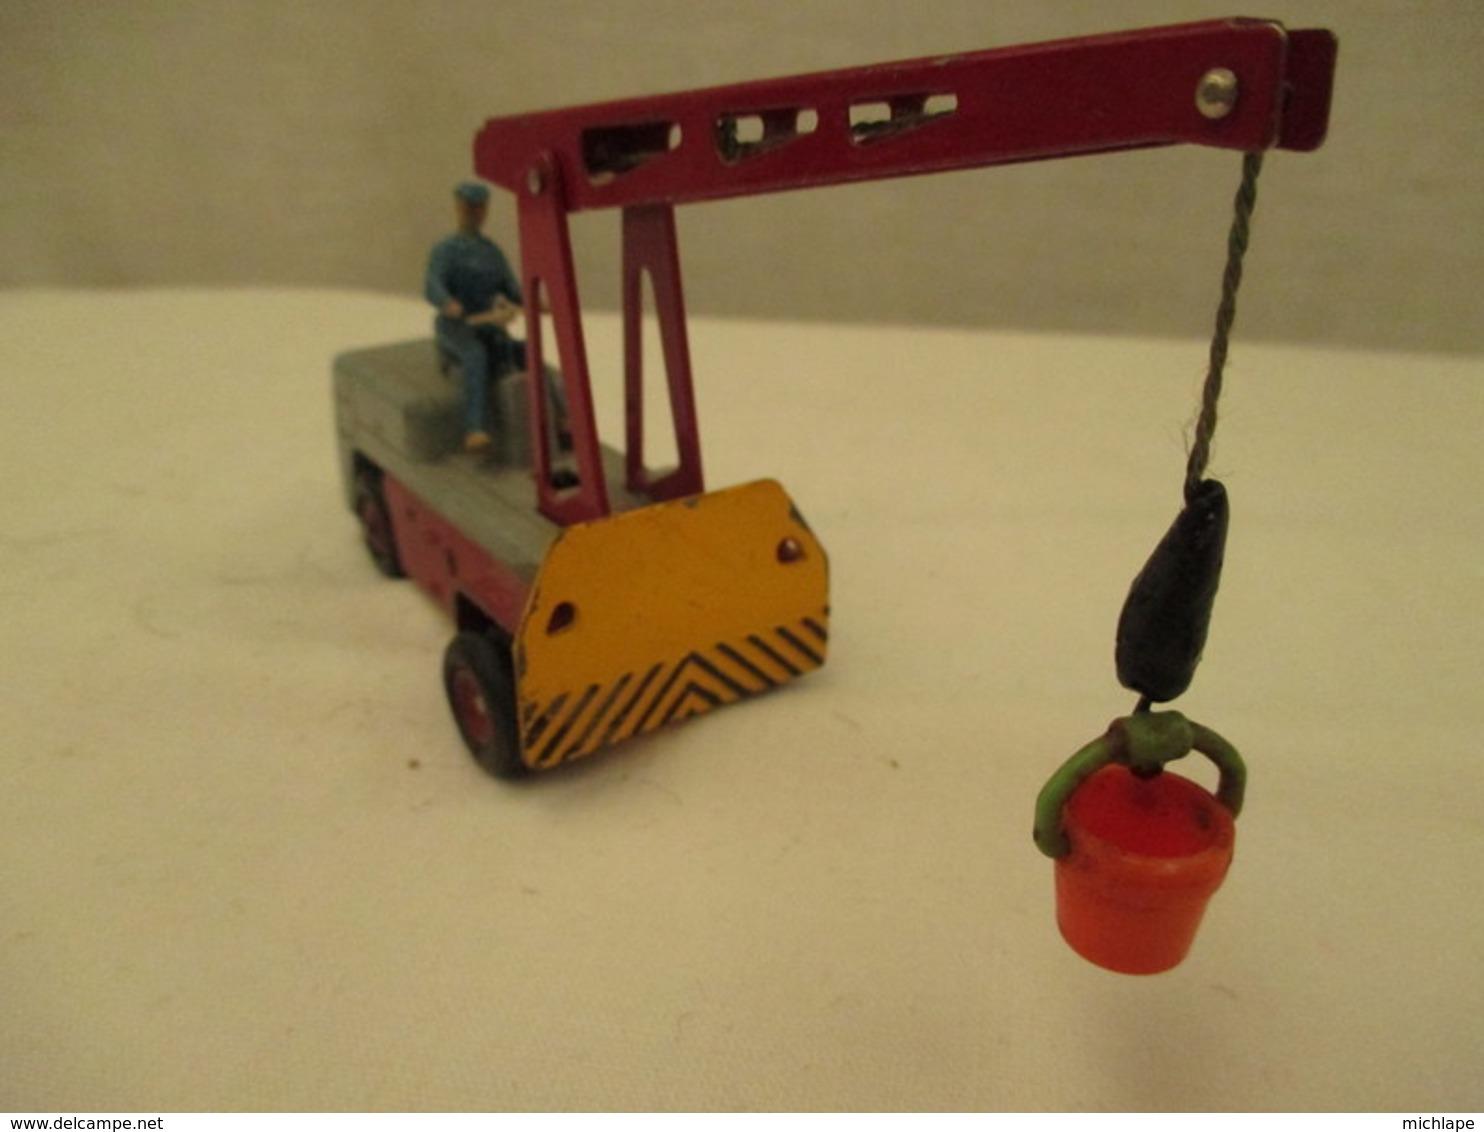 VOITURE - MINIATURE - 1/43  GRUE SALEV - DINKY TOYS -  Fonctionne - Peinture Grise Et Rouge - Toy Memorabilia